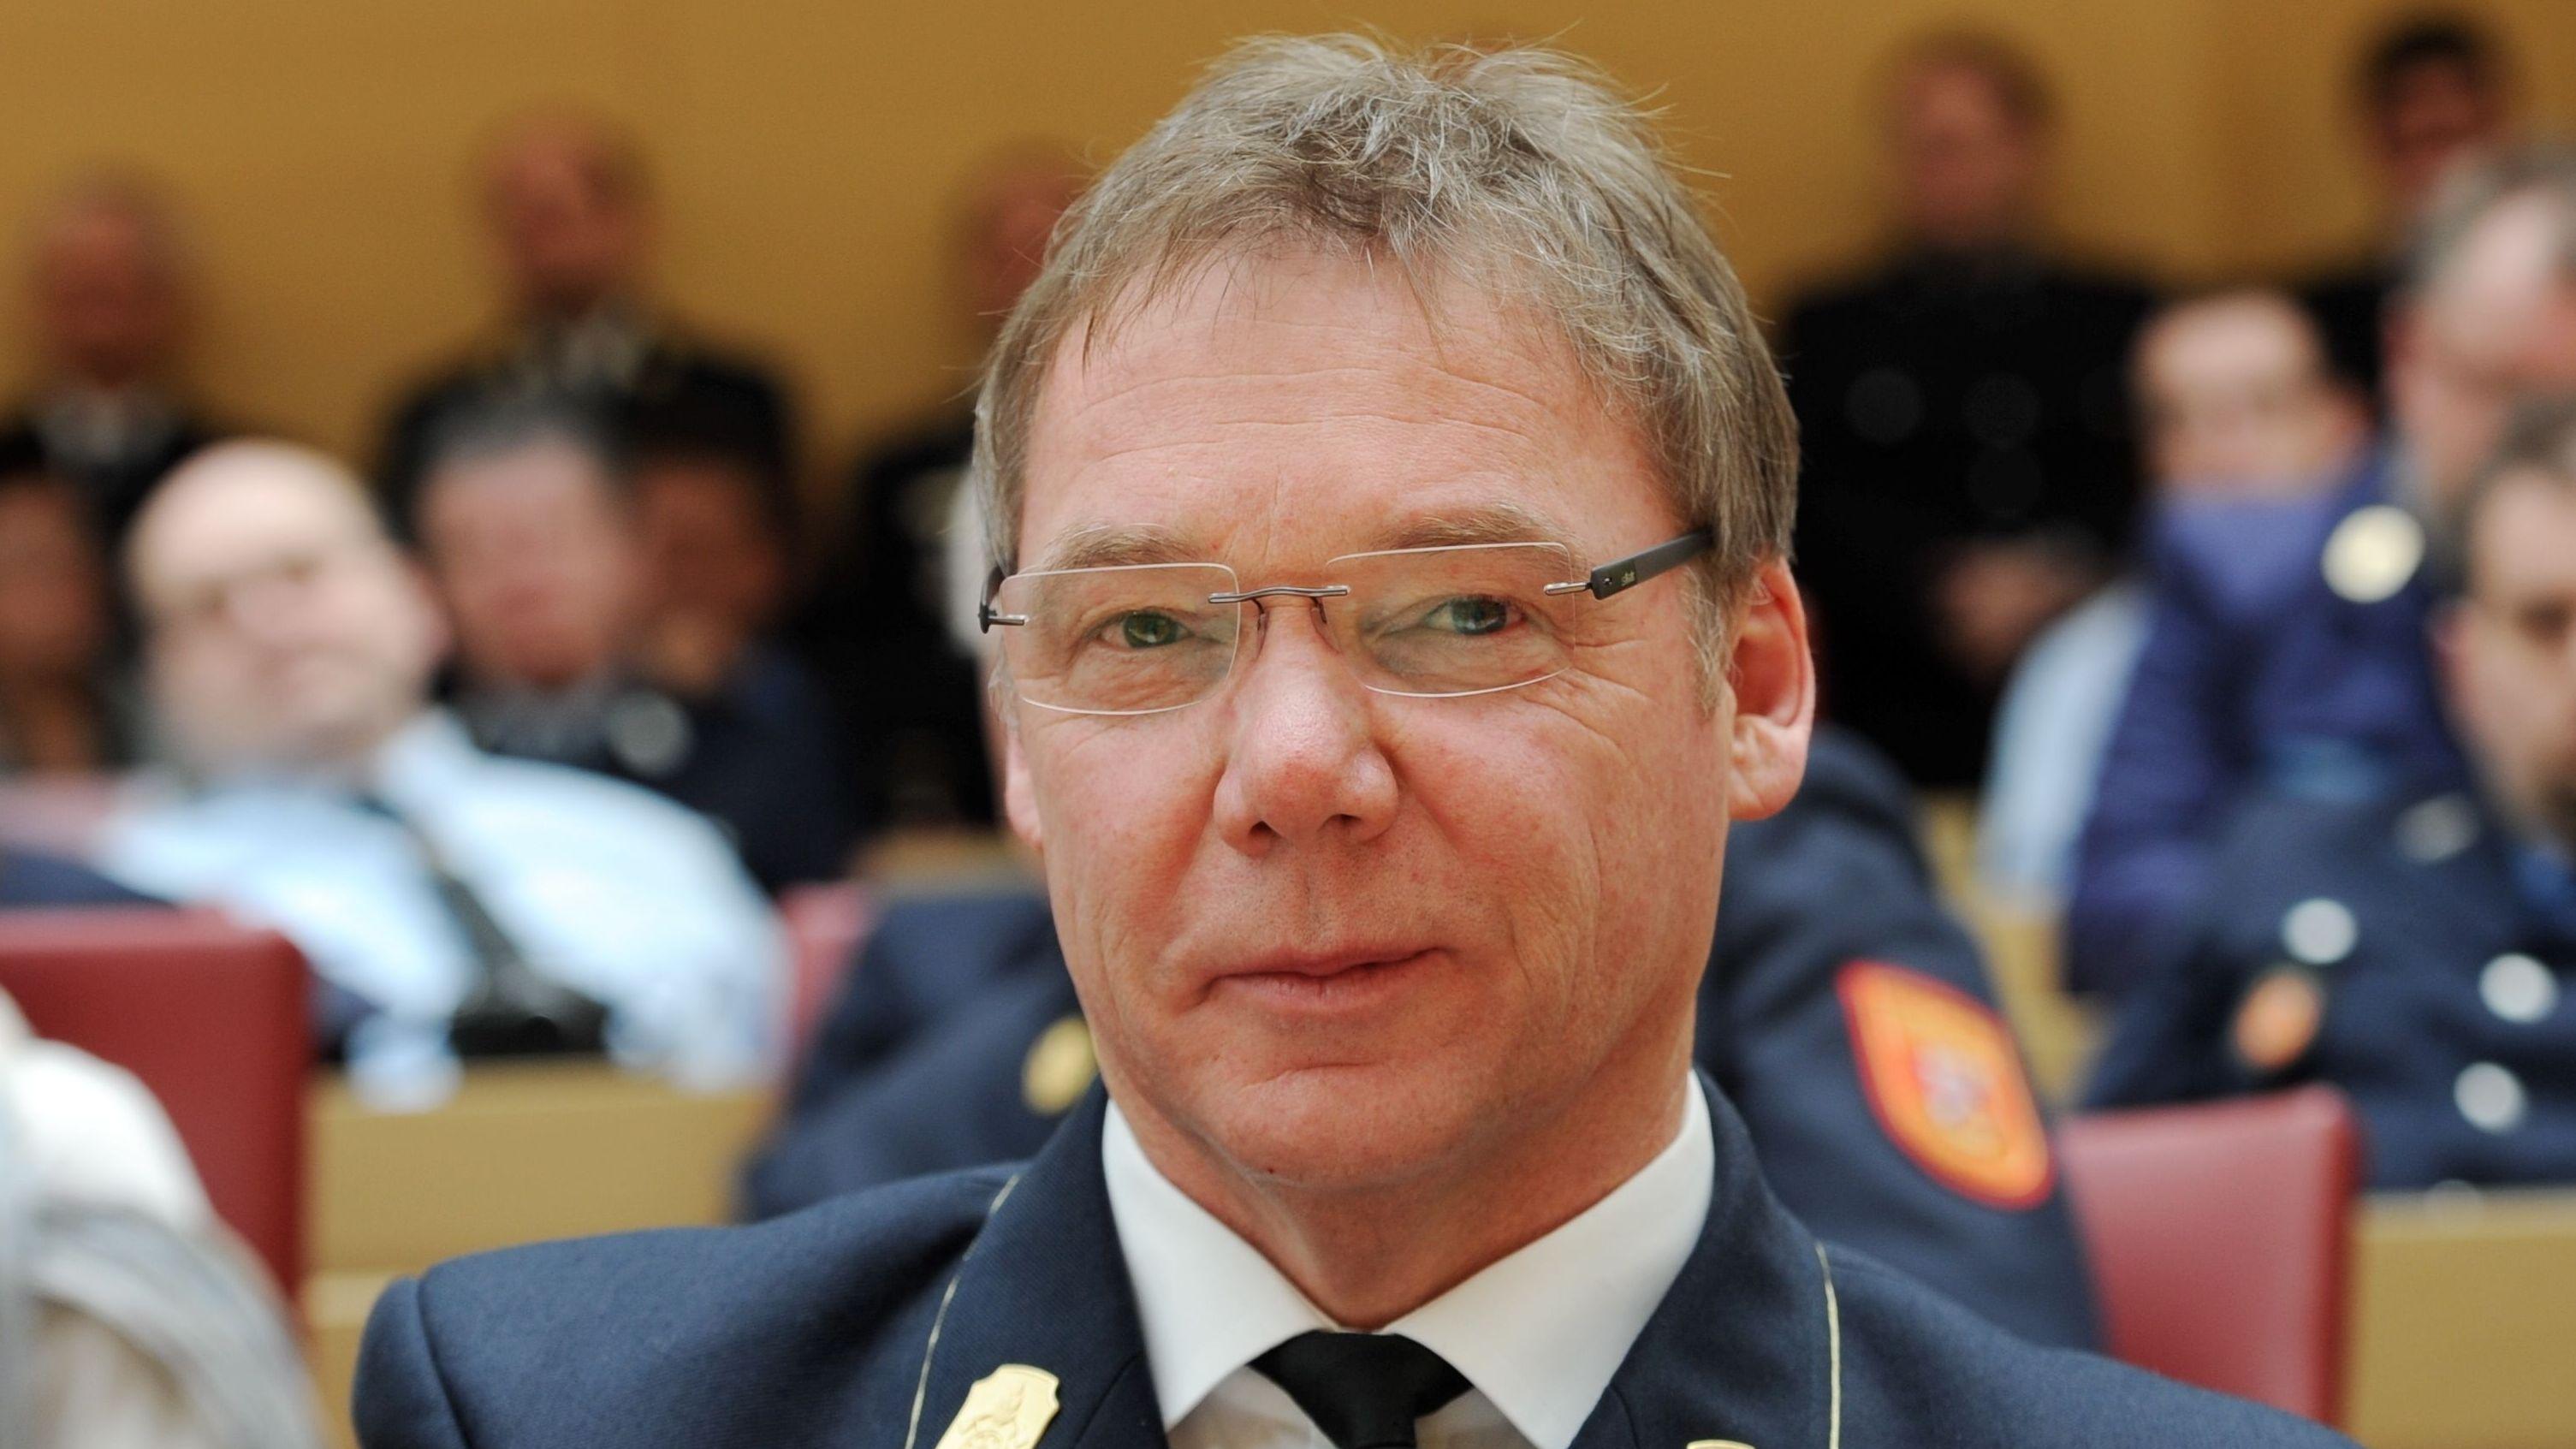 Nach 16 Jahren tritt der Vorsitzende des Landesfeuerwehrverbandes Bayern, Alfons Weinzierl, ab - aus Altersgründen.